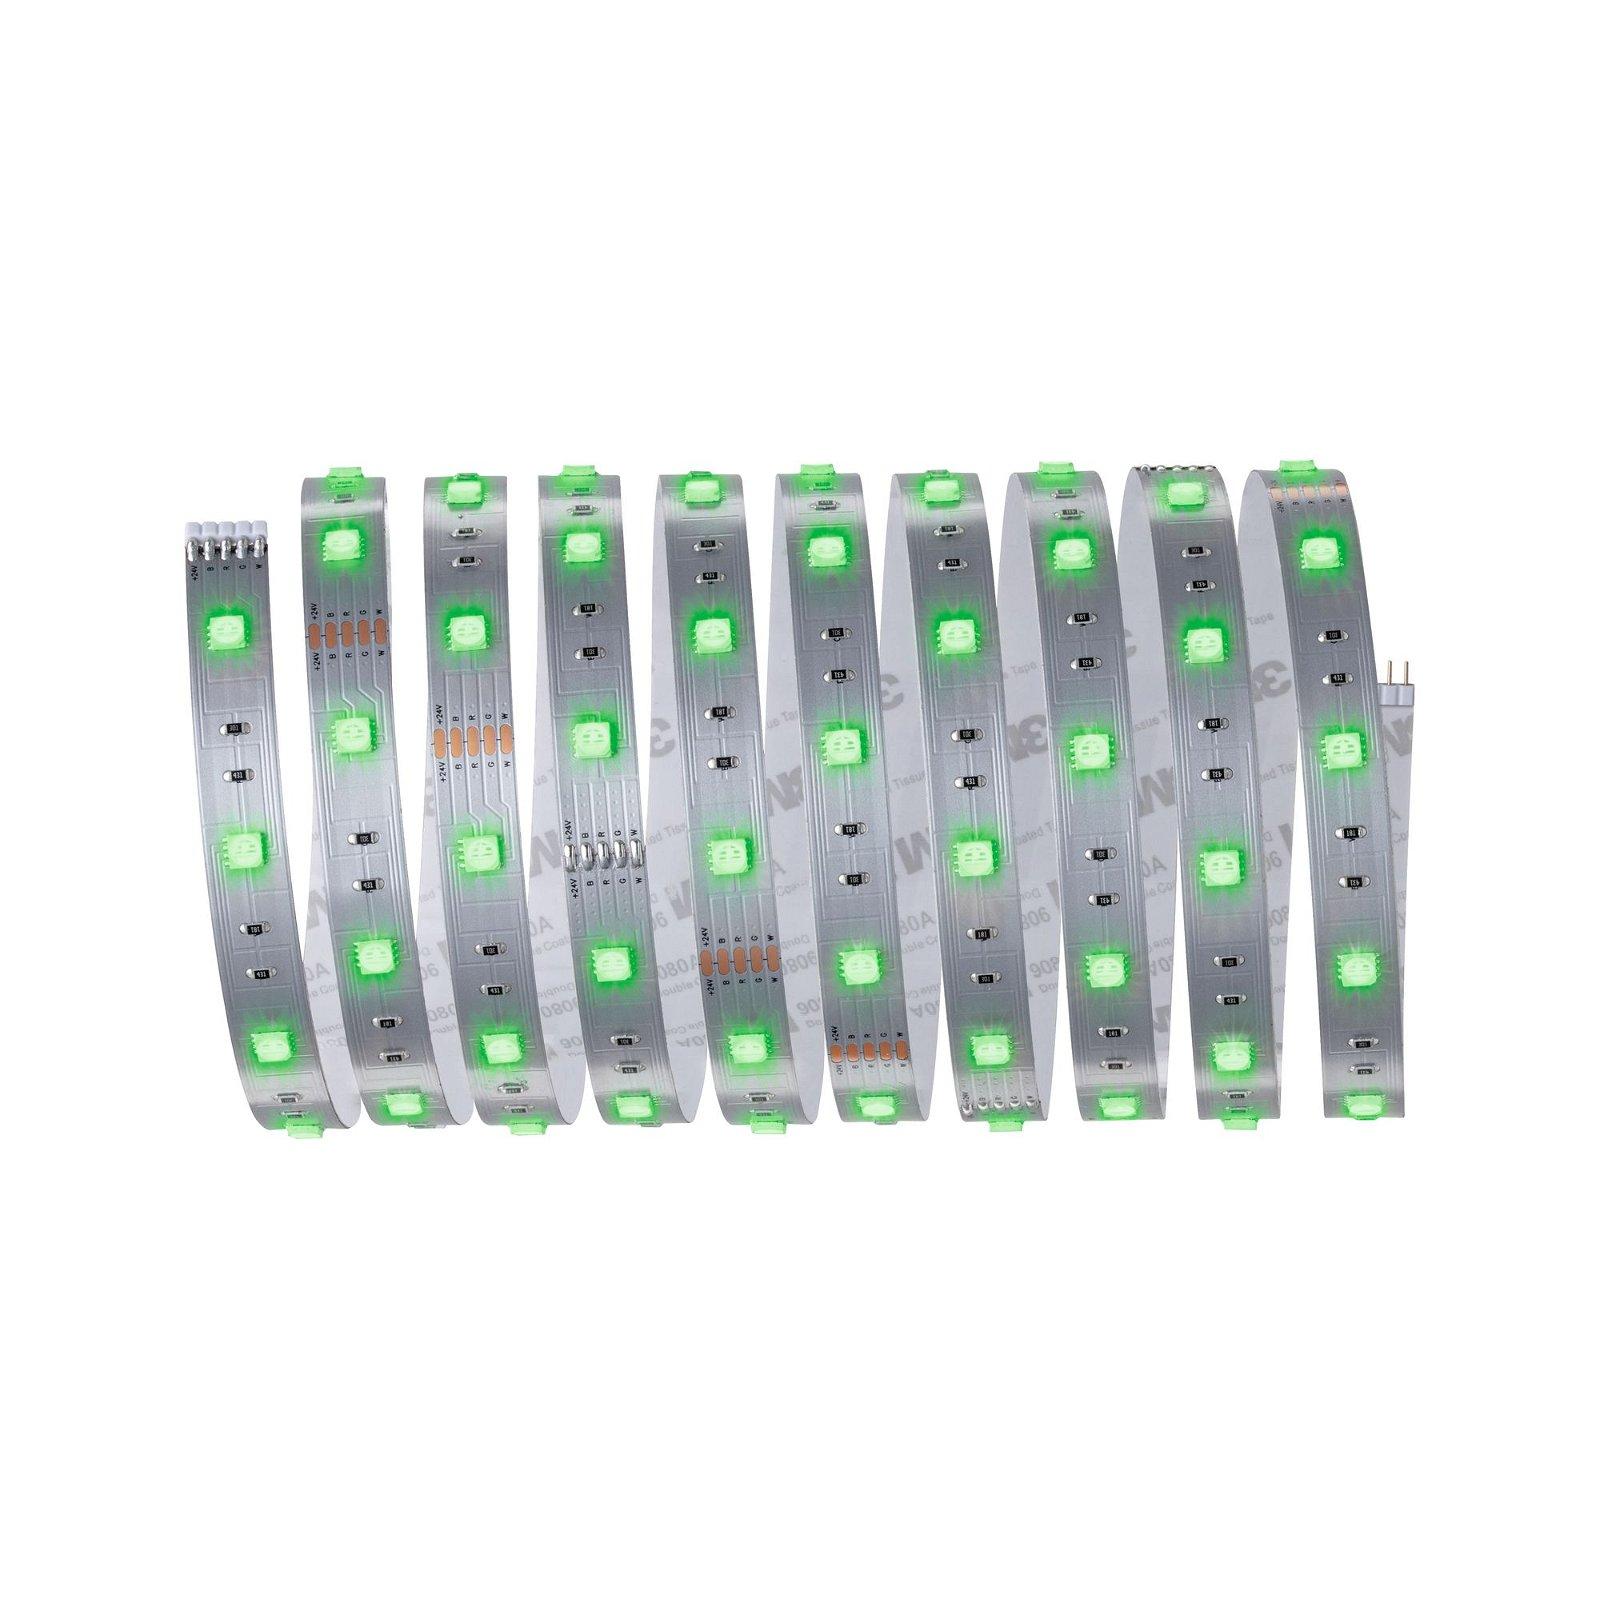 MaxLED 250 LED Strip RGBW 3m 20W 810lm RGBW 36VA